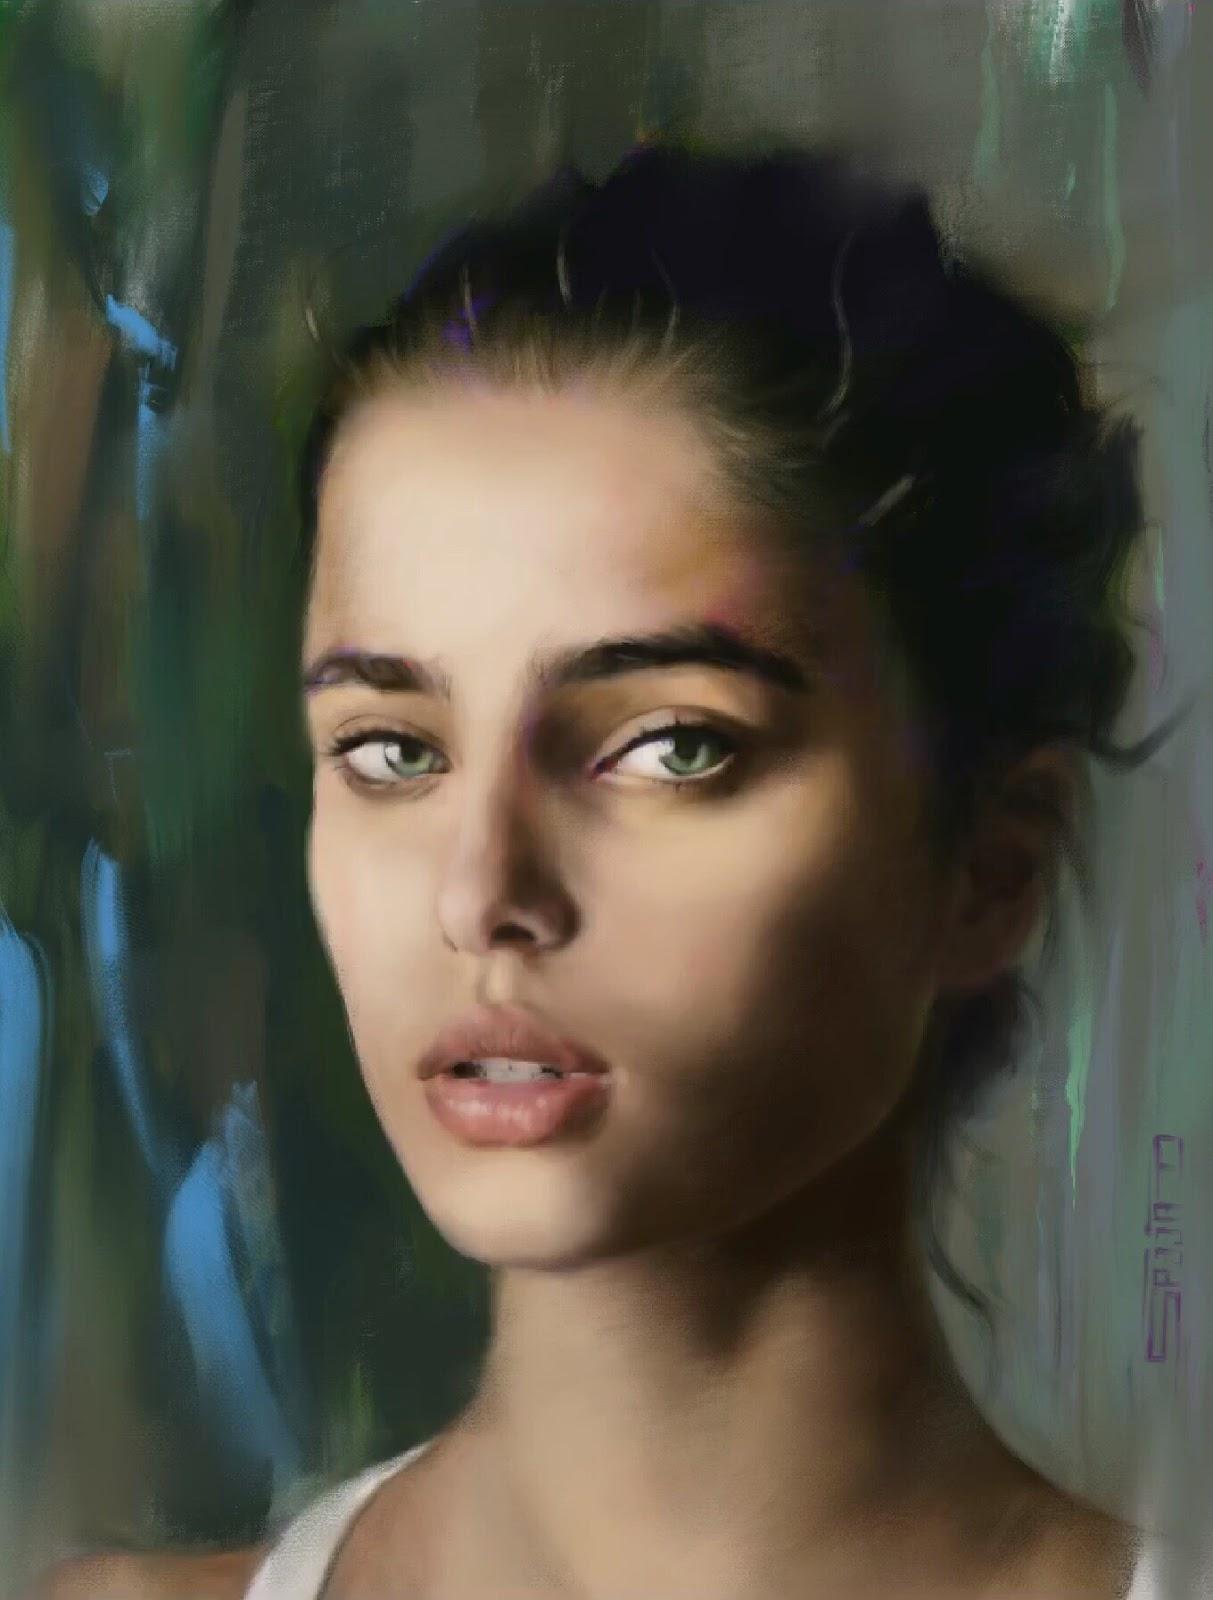 Digital Art by Sajjad Jafarzadeh